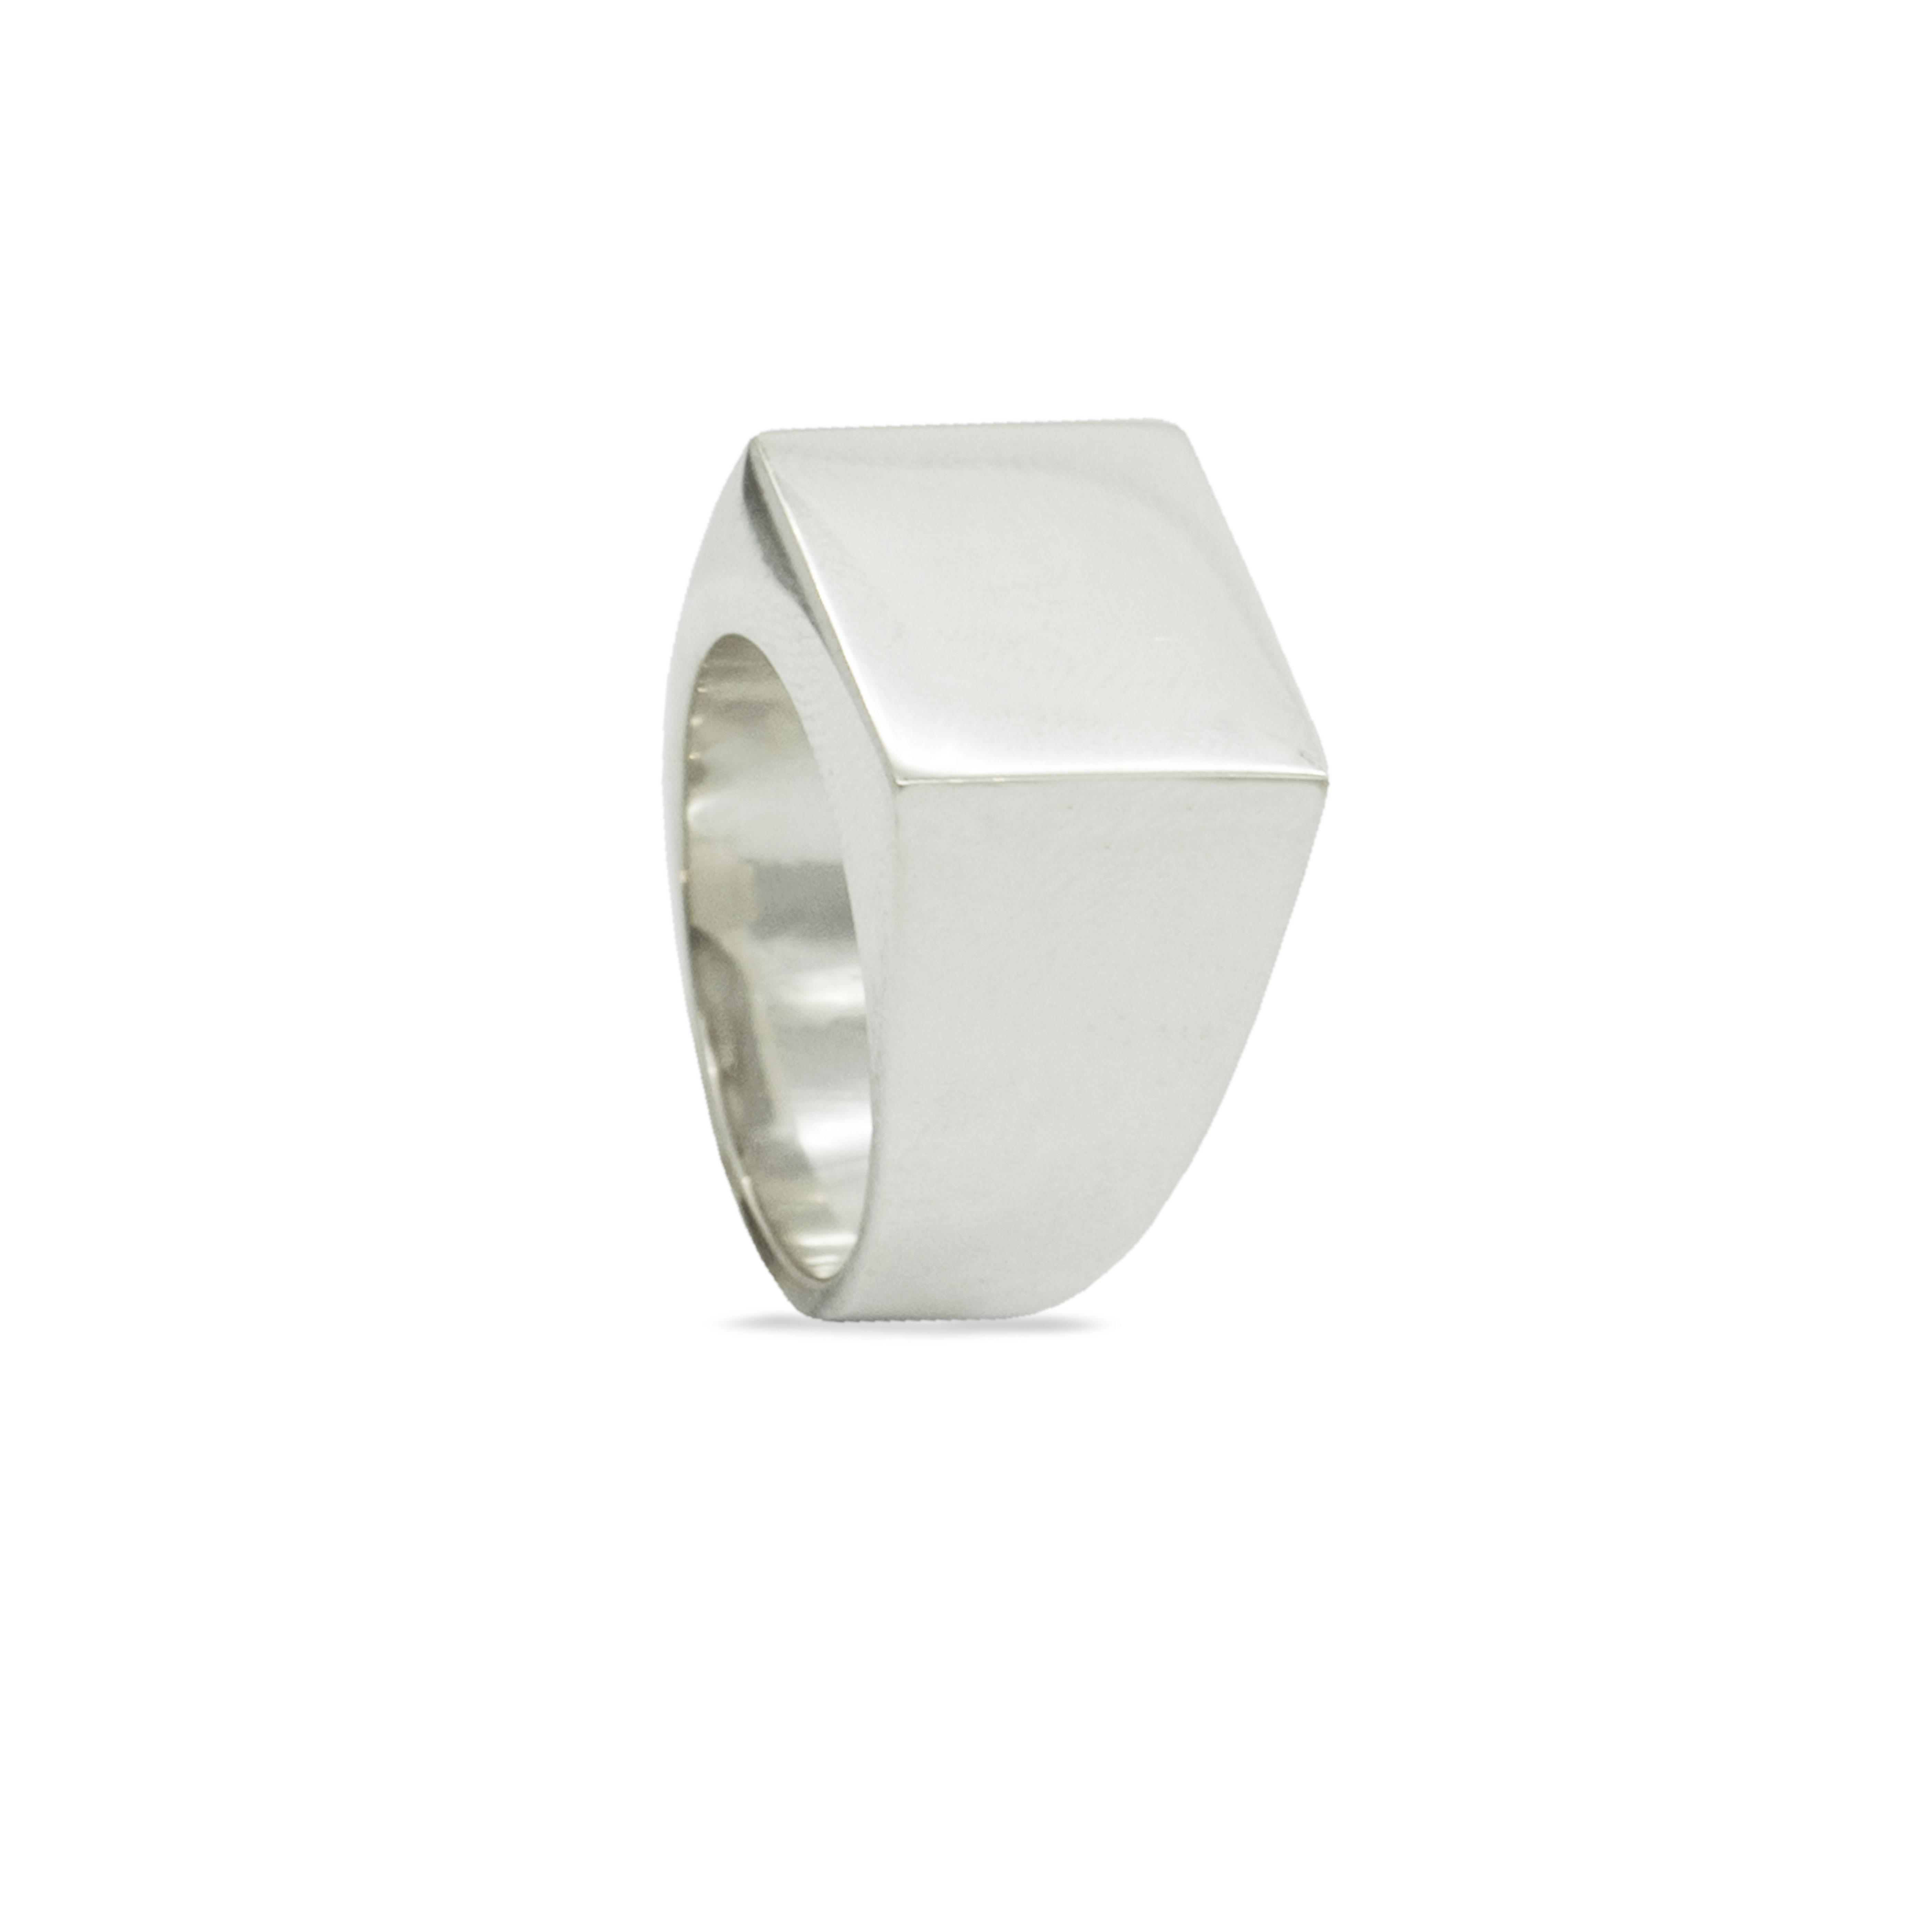 Astilio anello sigillo quadrato in argento 925 promozione Rawsen per la Festa del Papà